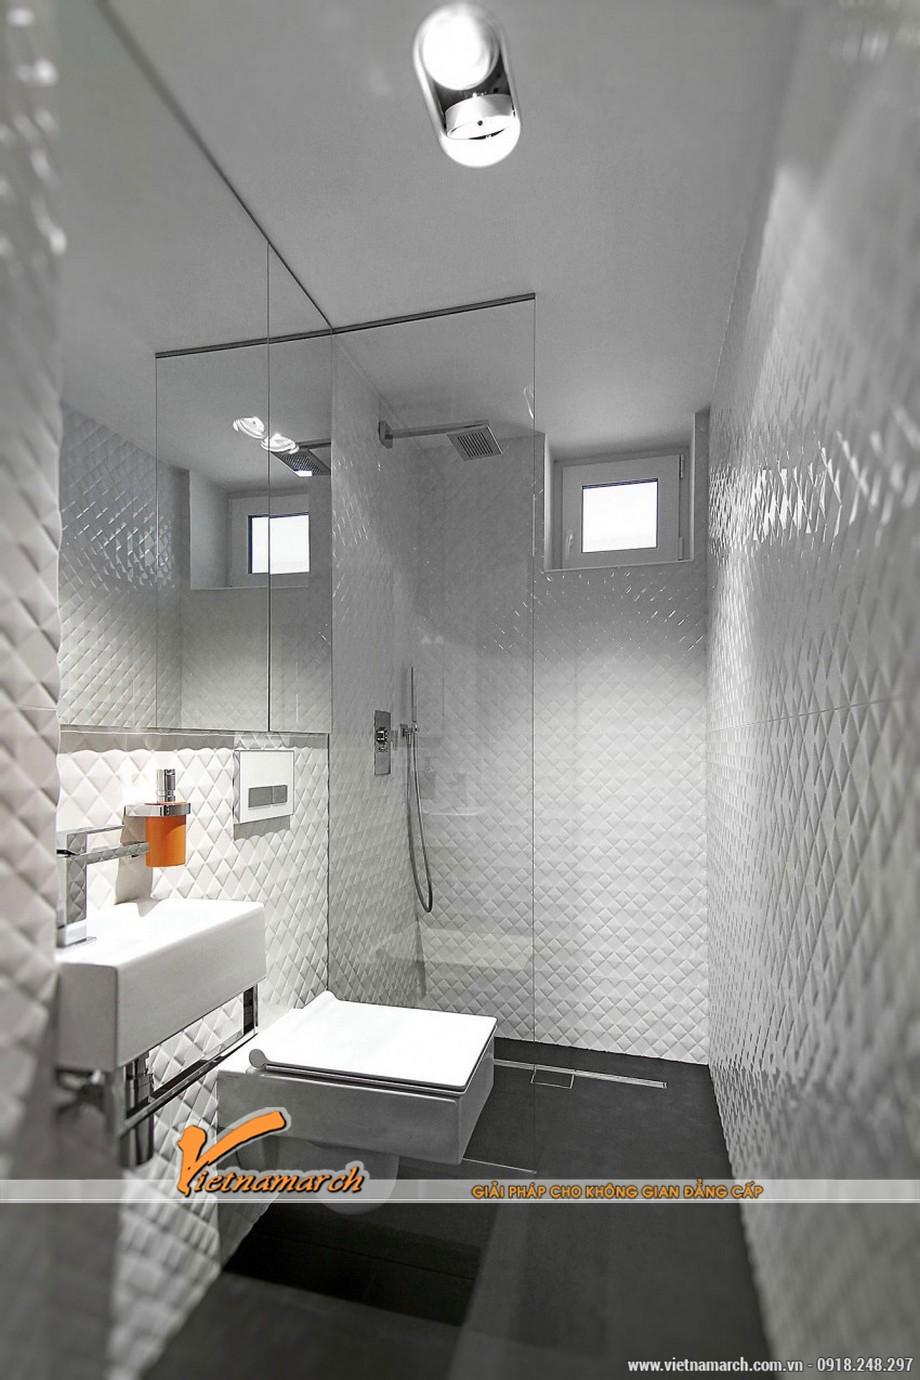 Nội thất phòng tắm được thiết kế không cầu kỳ, phức tạp